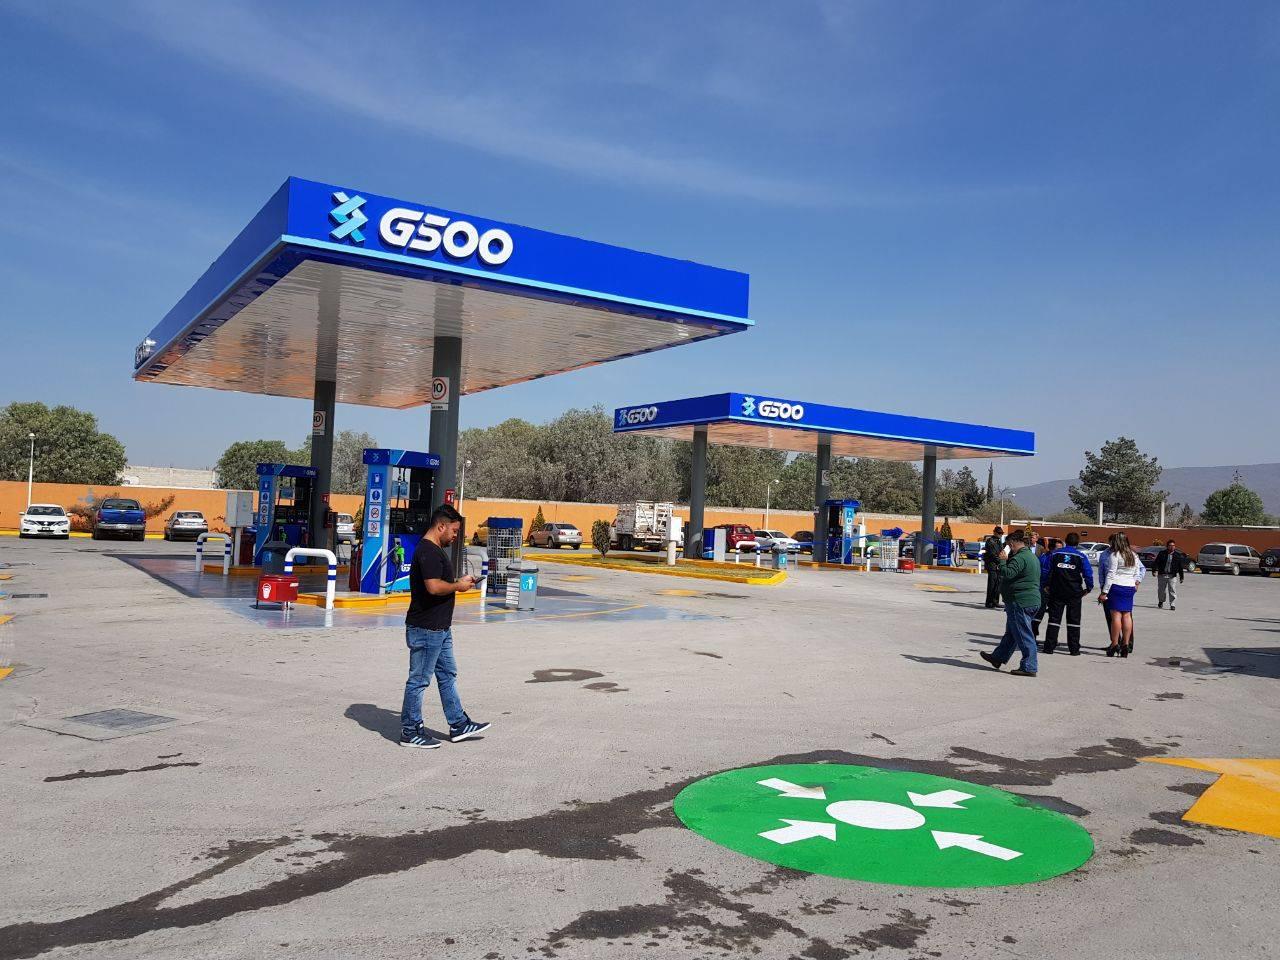 A G500 no le preocupa la política energética de AMLO